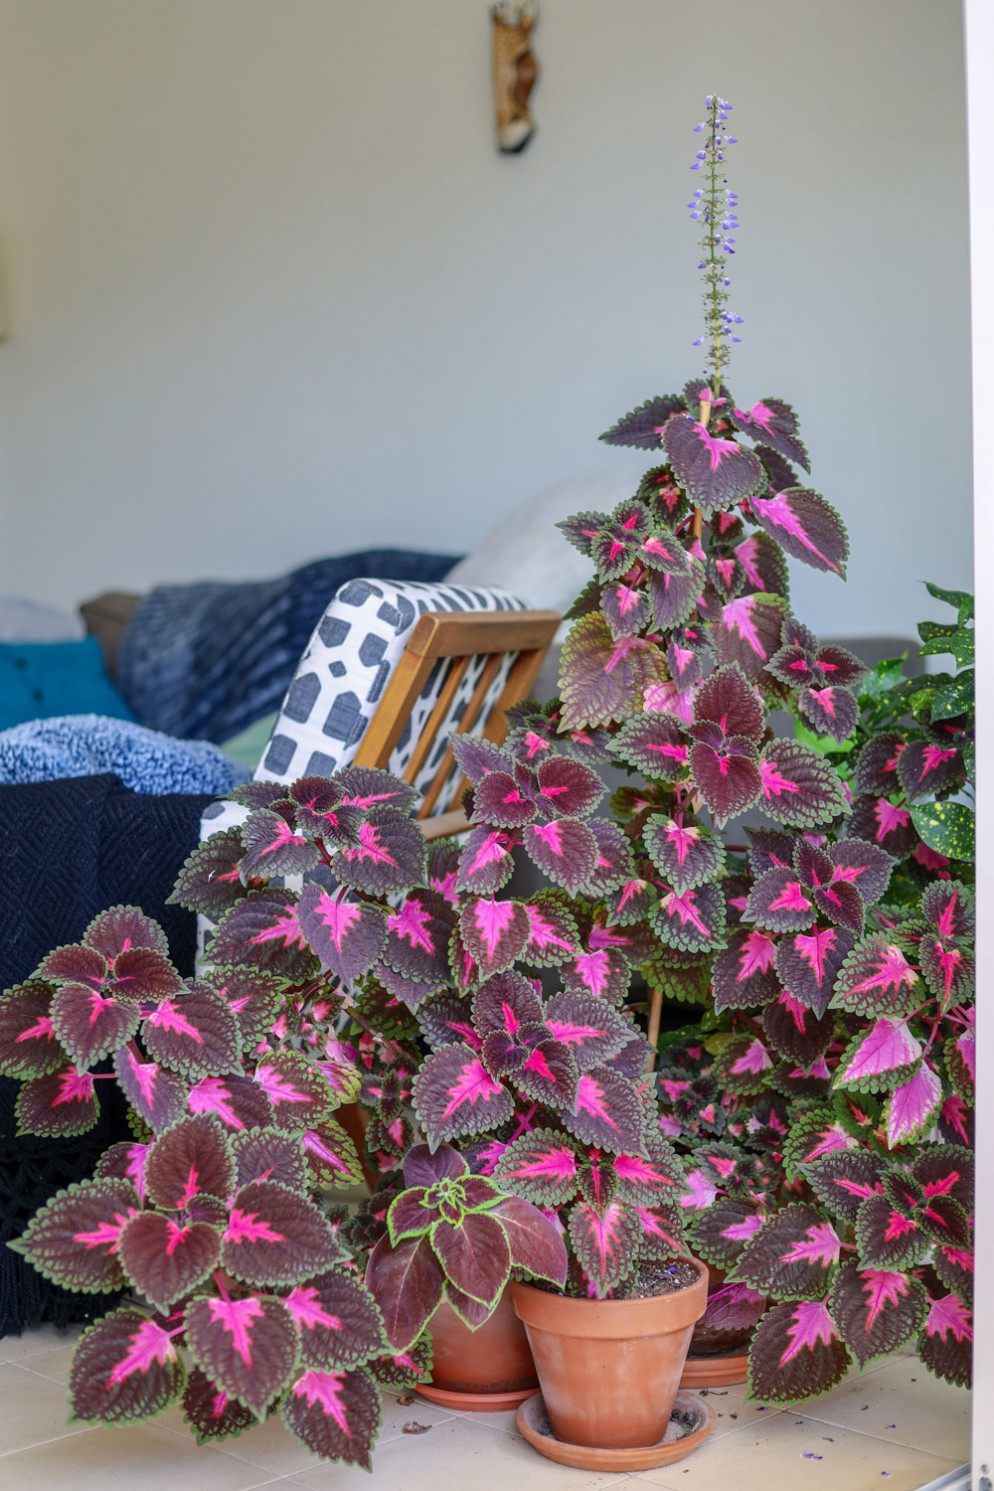 piante-da-appartamento-colorate-fittonia-mor-shani-unsplash-livingcorriere